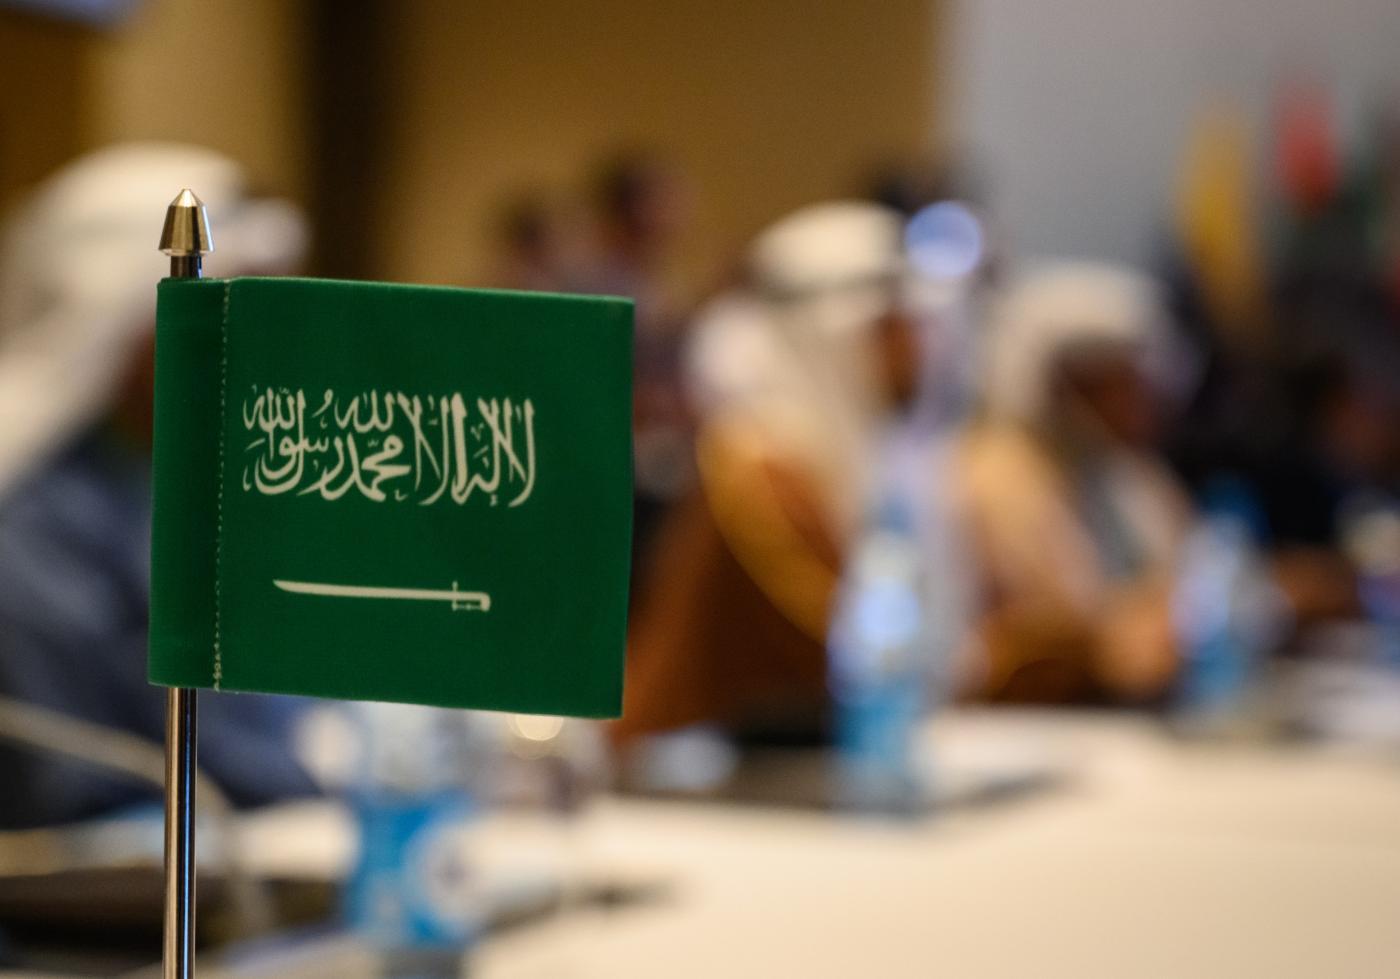 """تدعو الولايات المتحدة المملكة العربية السعودية إلى التخلي عن وضع """"الدولة النامية"""" في منظمة التجارة العالمية"""